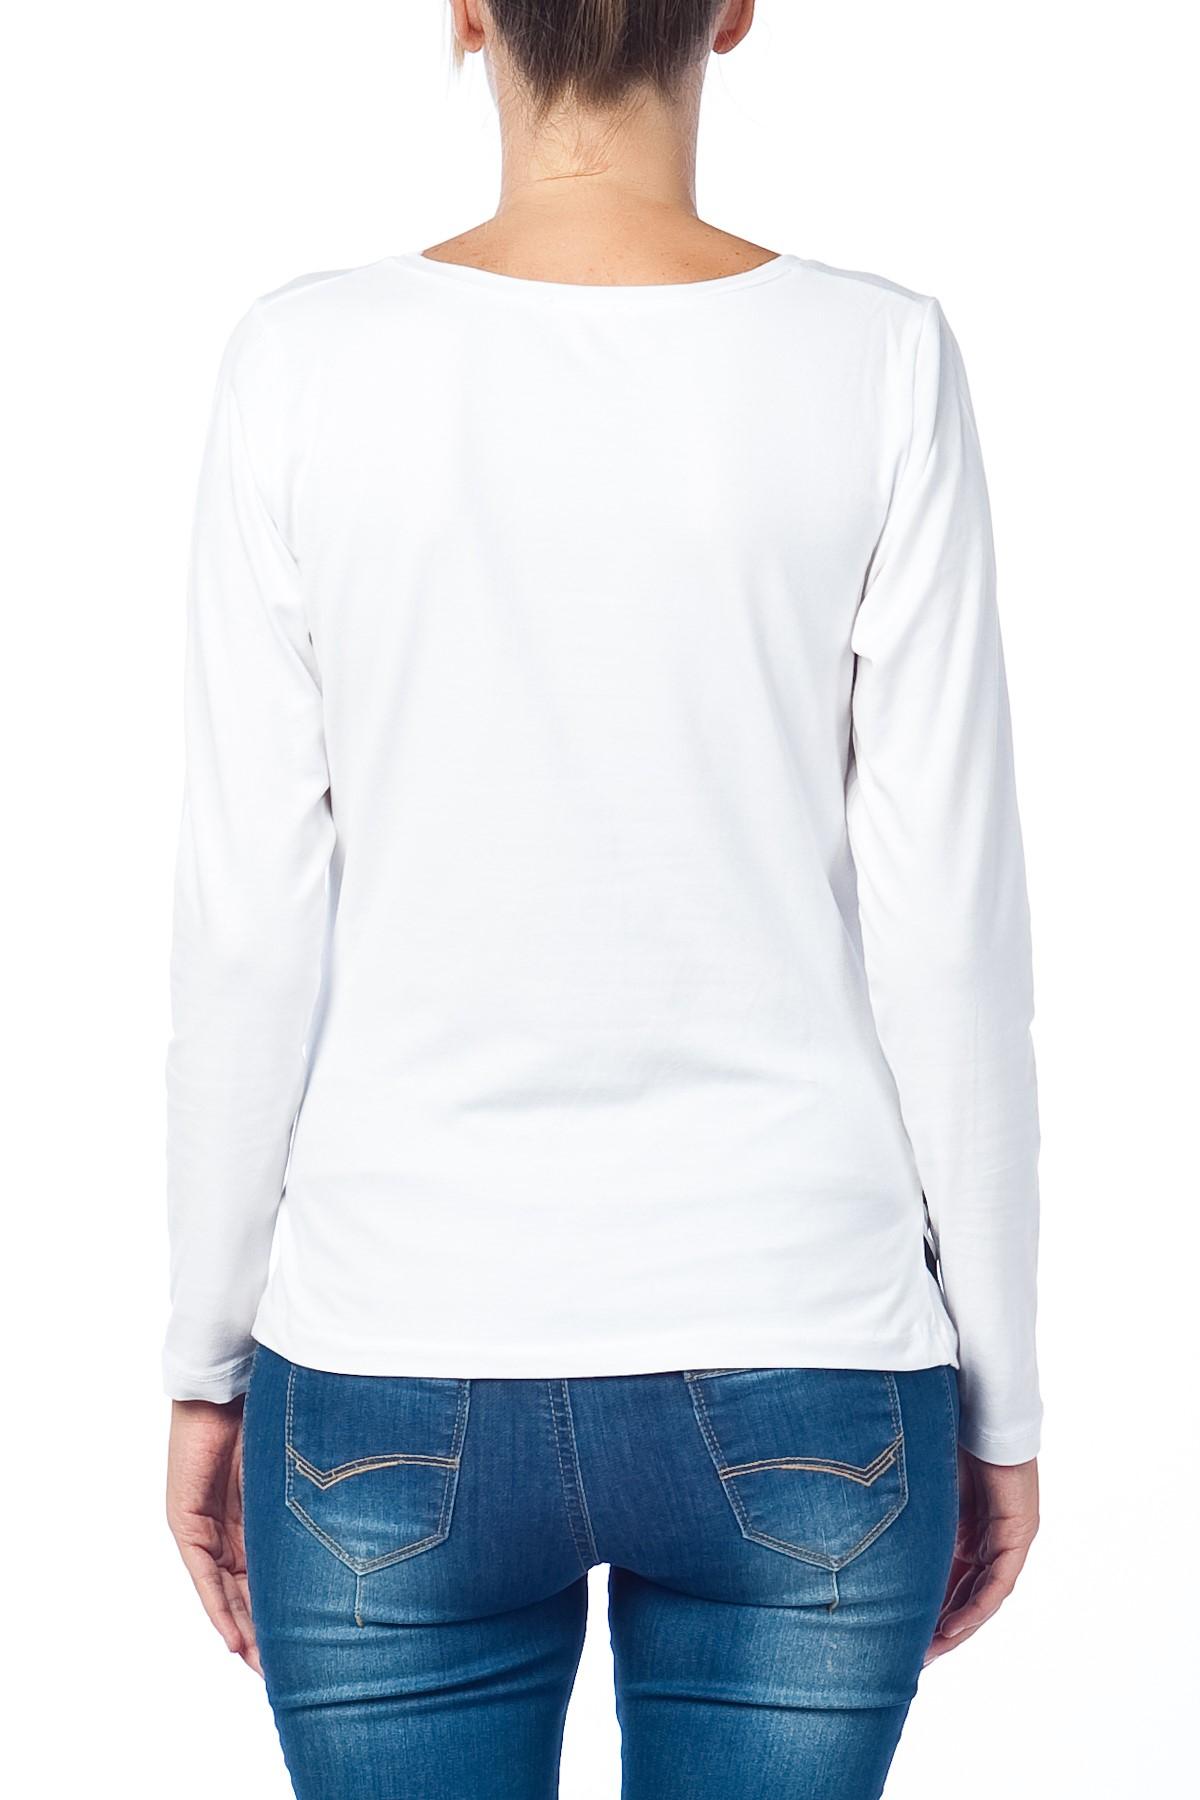 MAMIMODE Tričko s motívom Guck Guck White